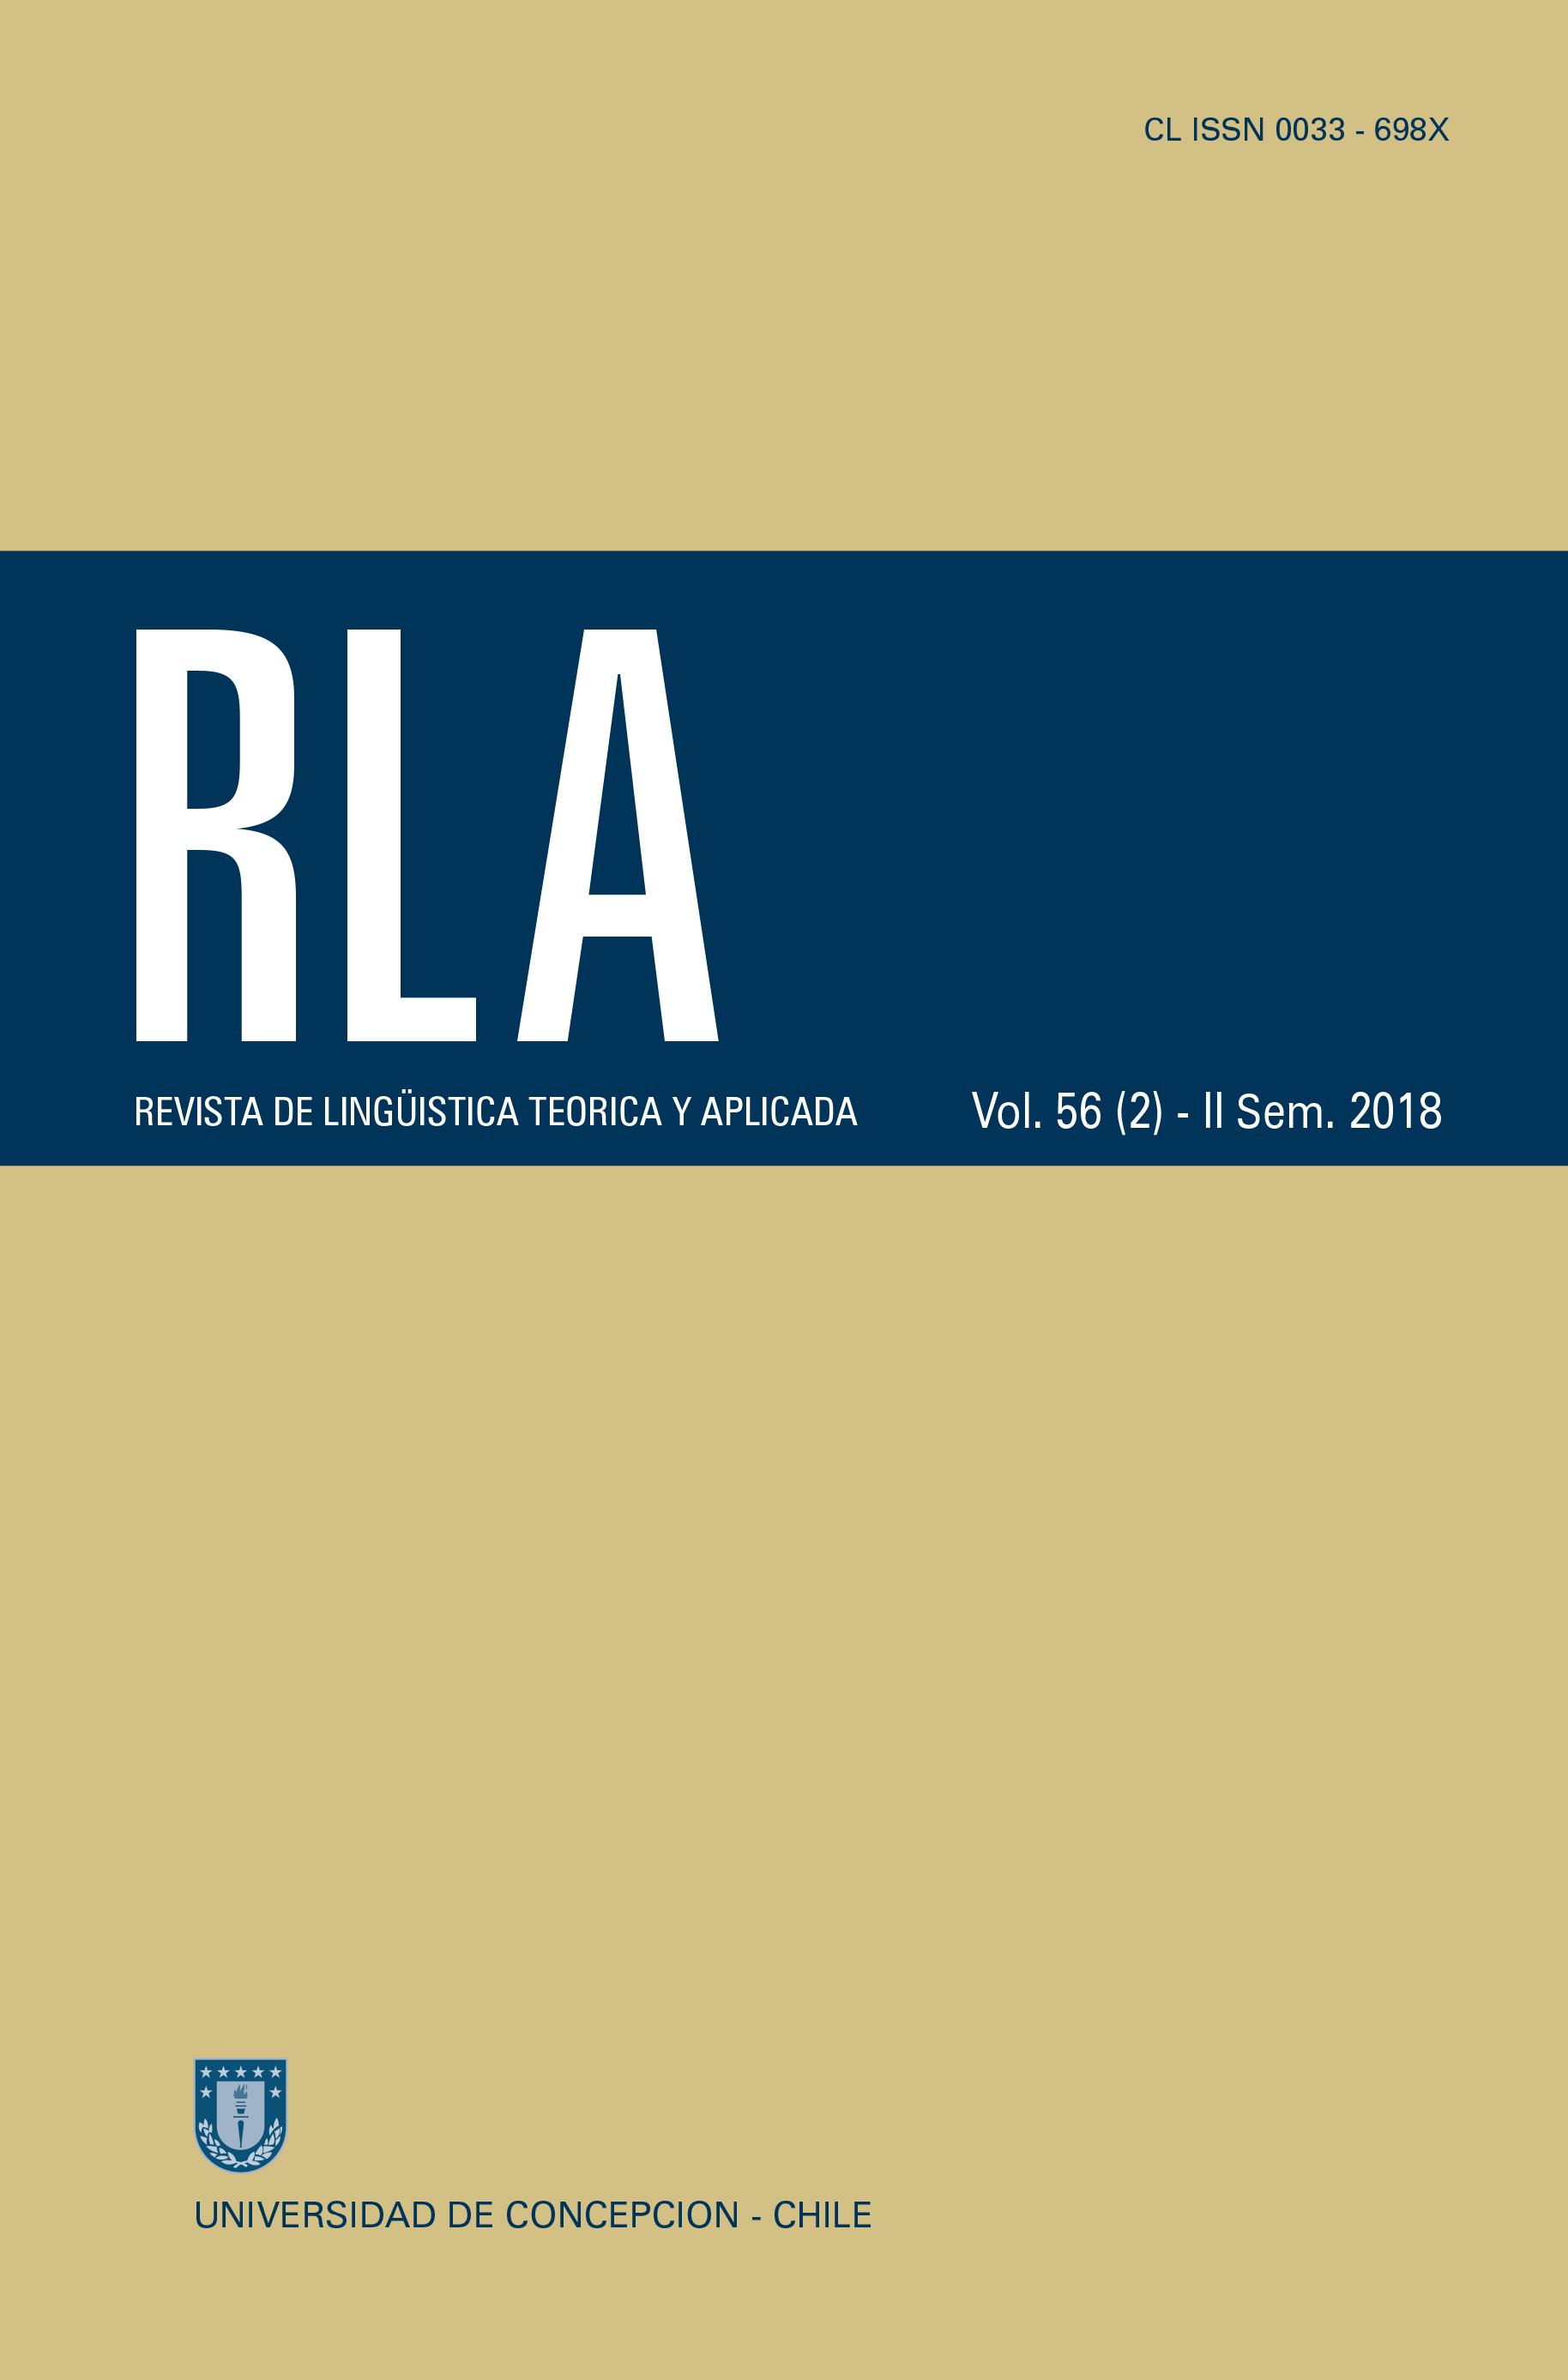 Revista de Linguística Teórica y Aplicada Vol. 56 N°2 (2018)